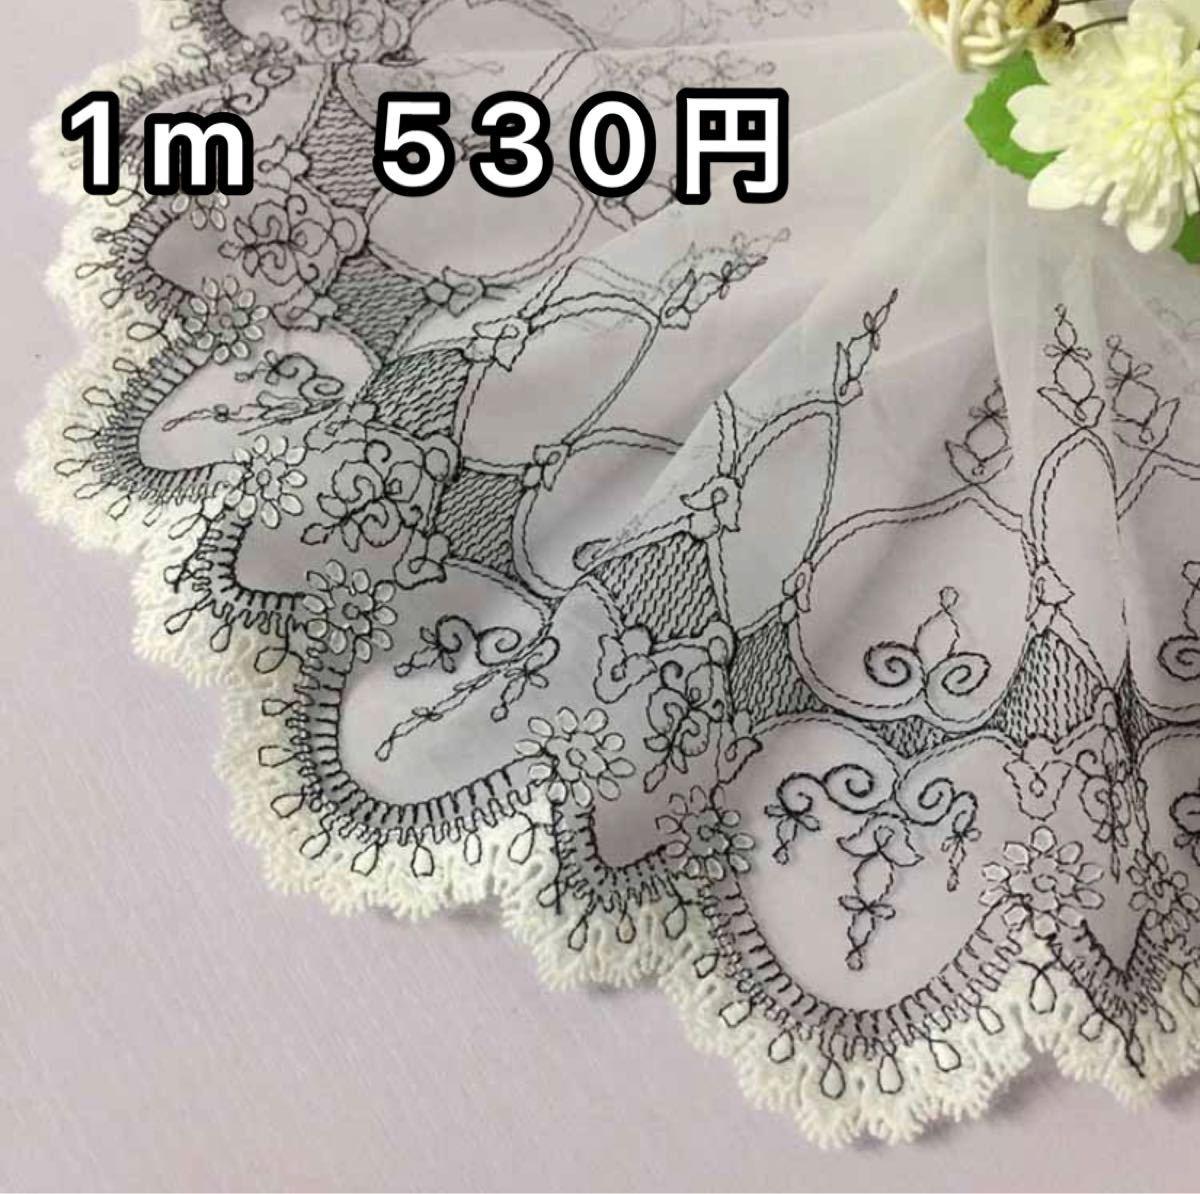 刺繍 チュールレース生地 ホワイト ブラック モノトーン  フリルモチーフ 2m